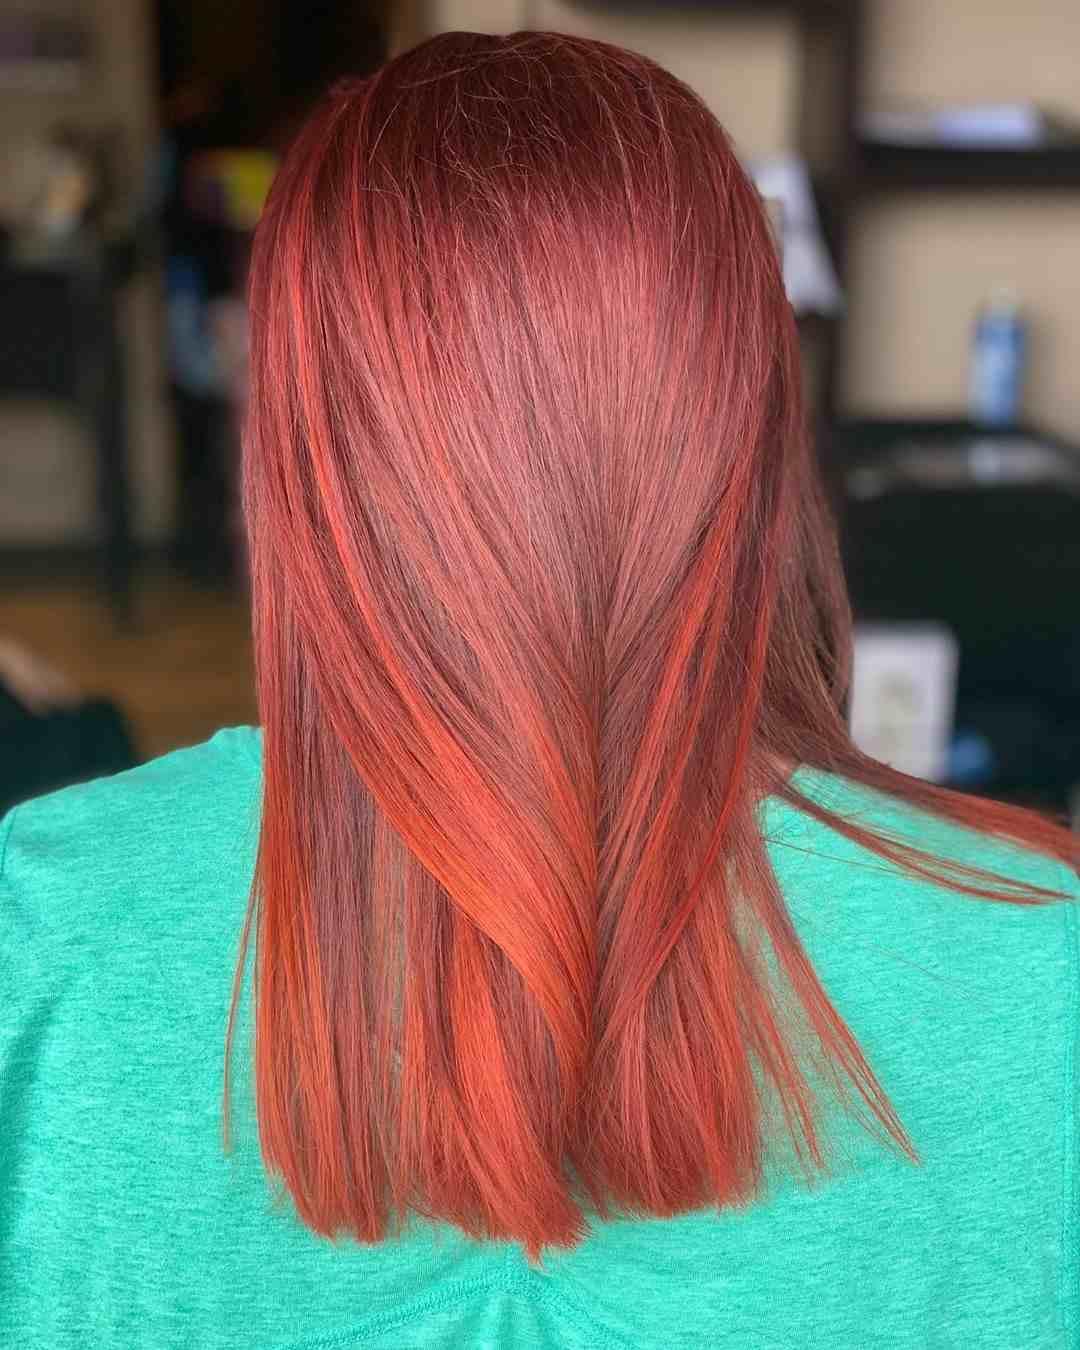 Kupferrot Balayage auf braune Haare Haartrends Frauen